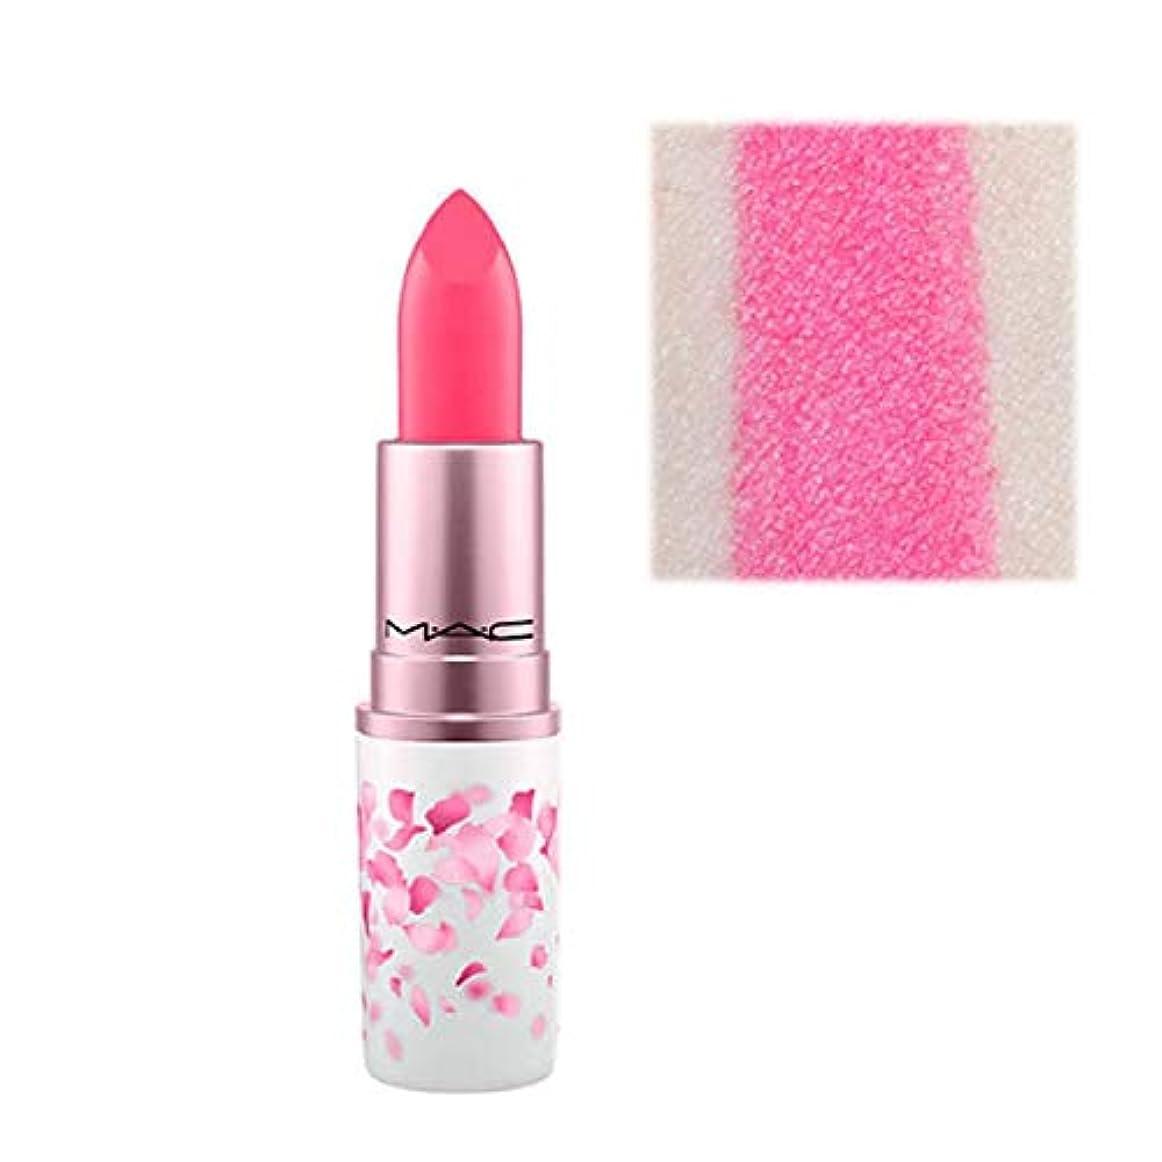 知覚する意図消費M.A.C ?マック, 限定版, 2019 Spring, Lipstick/Boom, Boom, Bloom - Tsk Tsk [海外直送品] [並行輸入品]